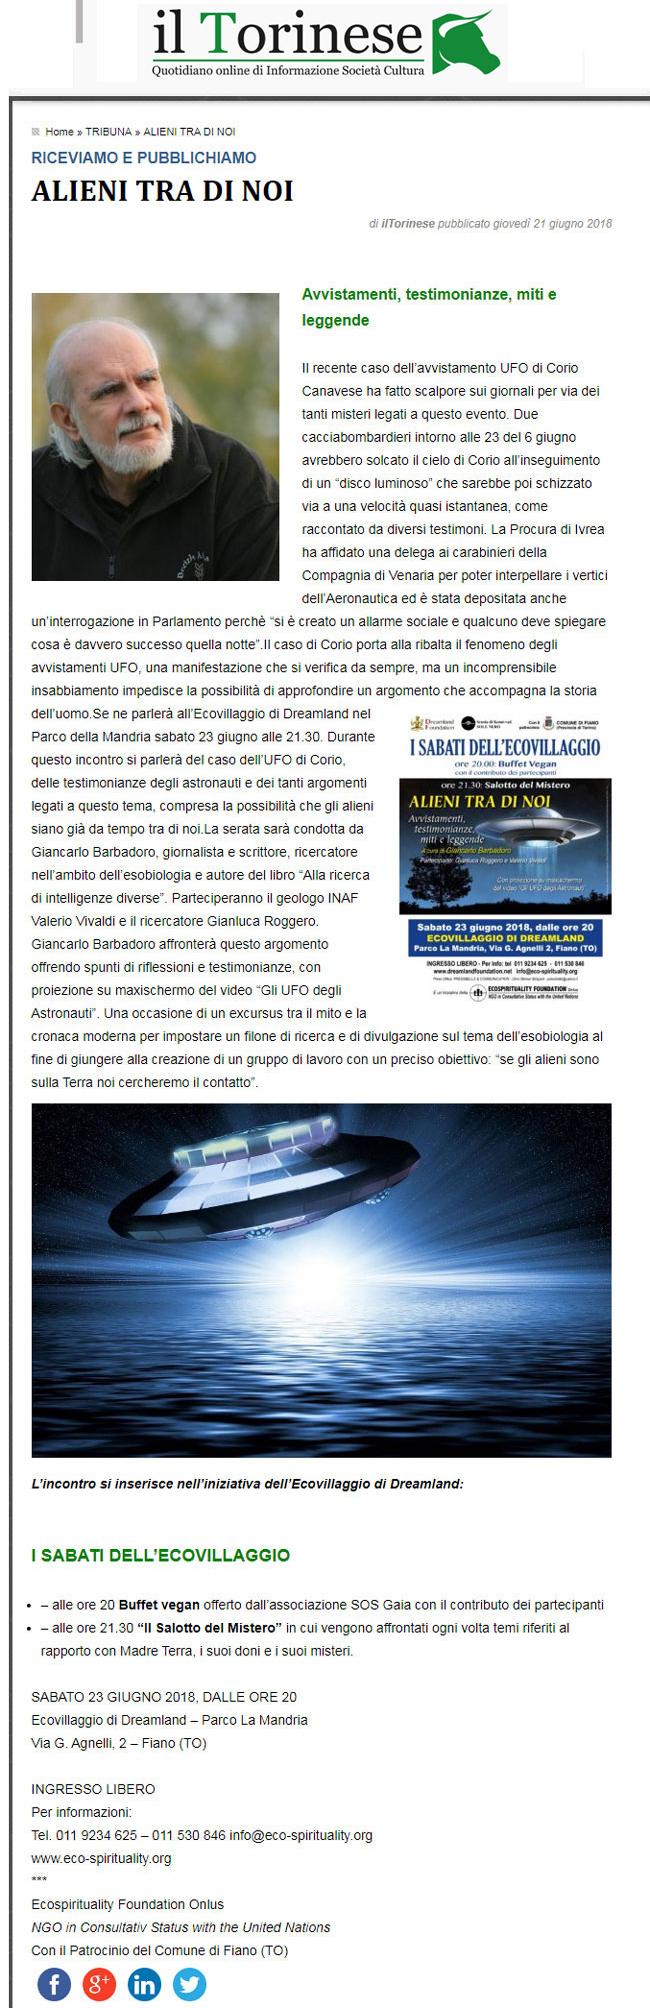 il-torinese-21-06-2018-i-sabati-dell-ecovillaggio-conferenza-alieni-tra-noi-23-giugno-2018